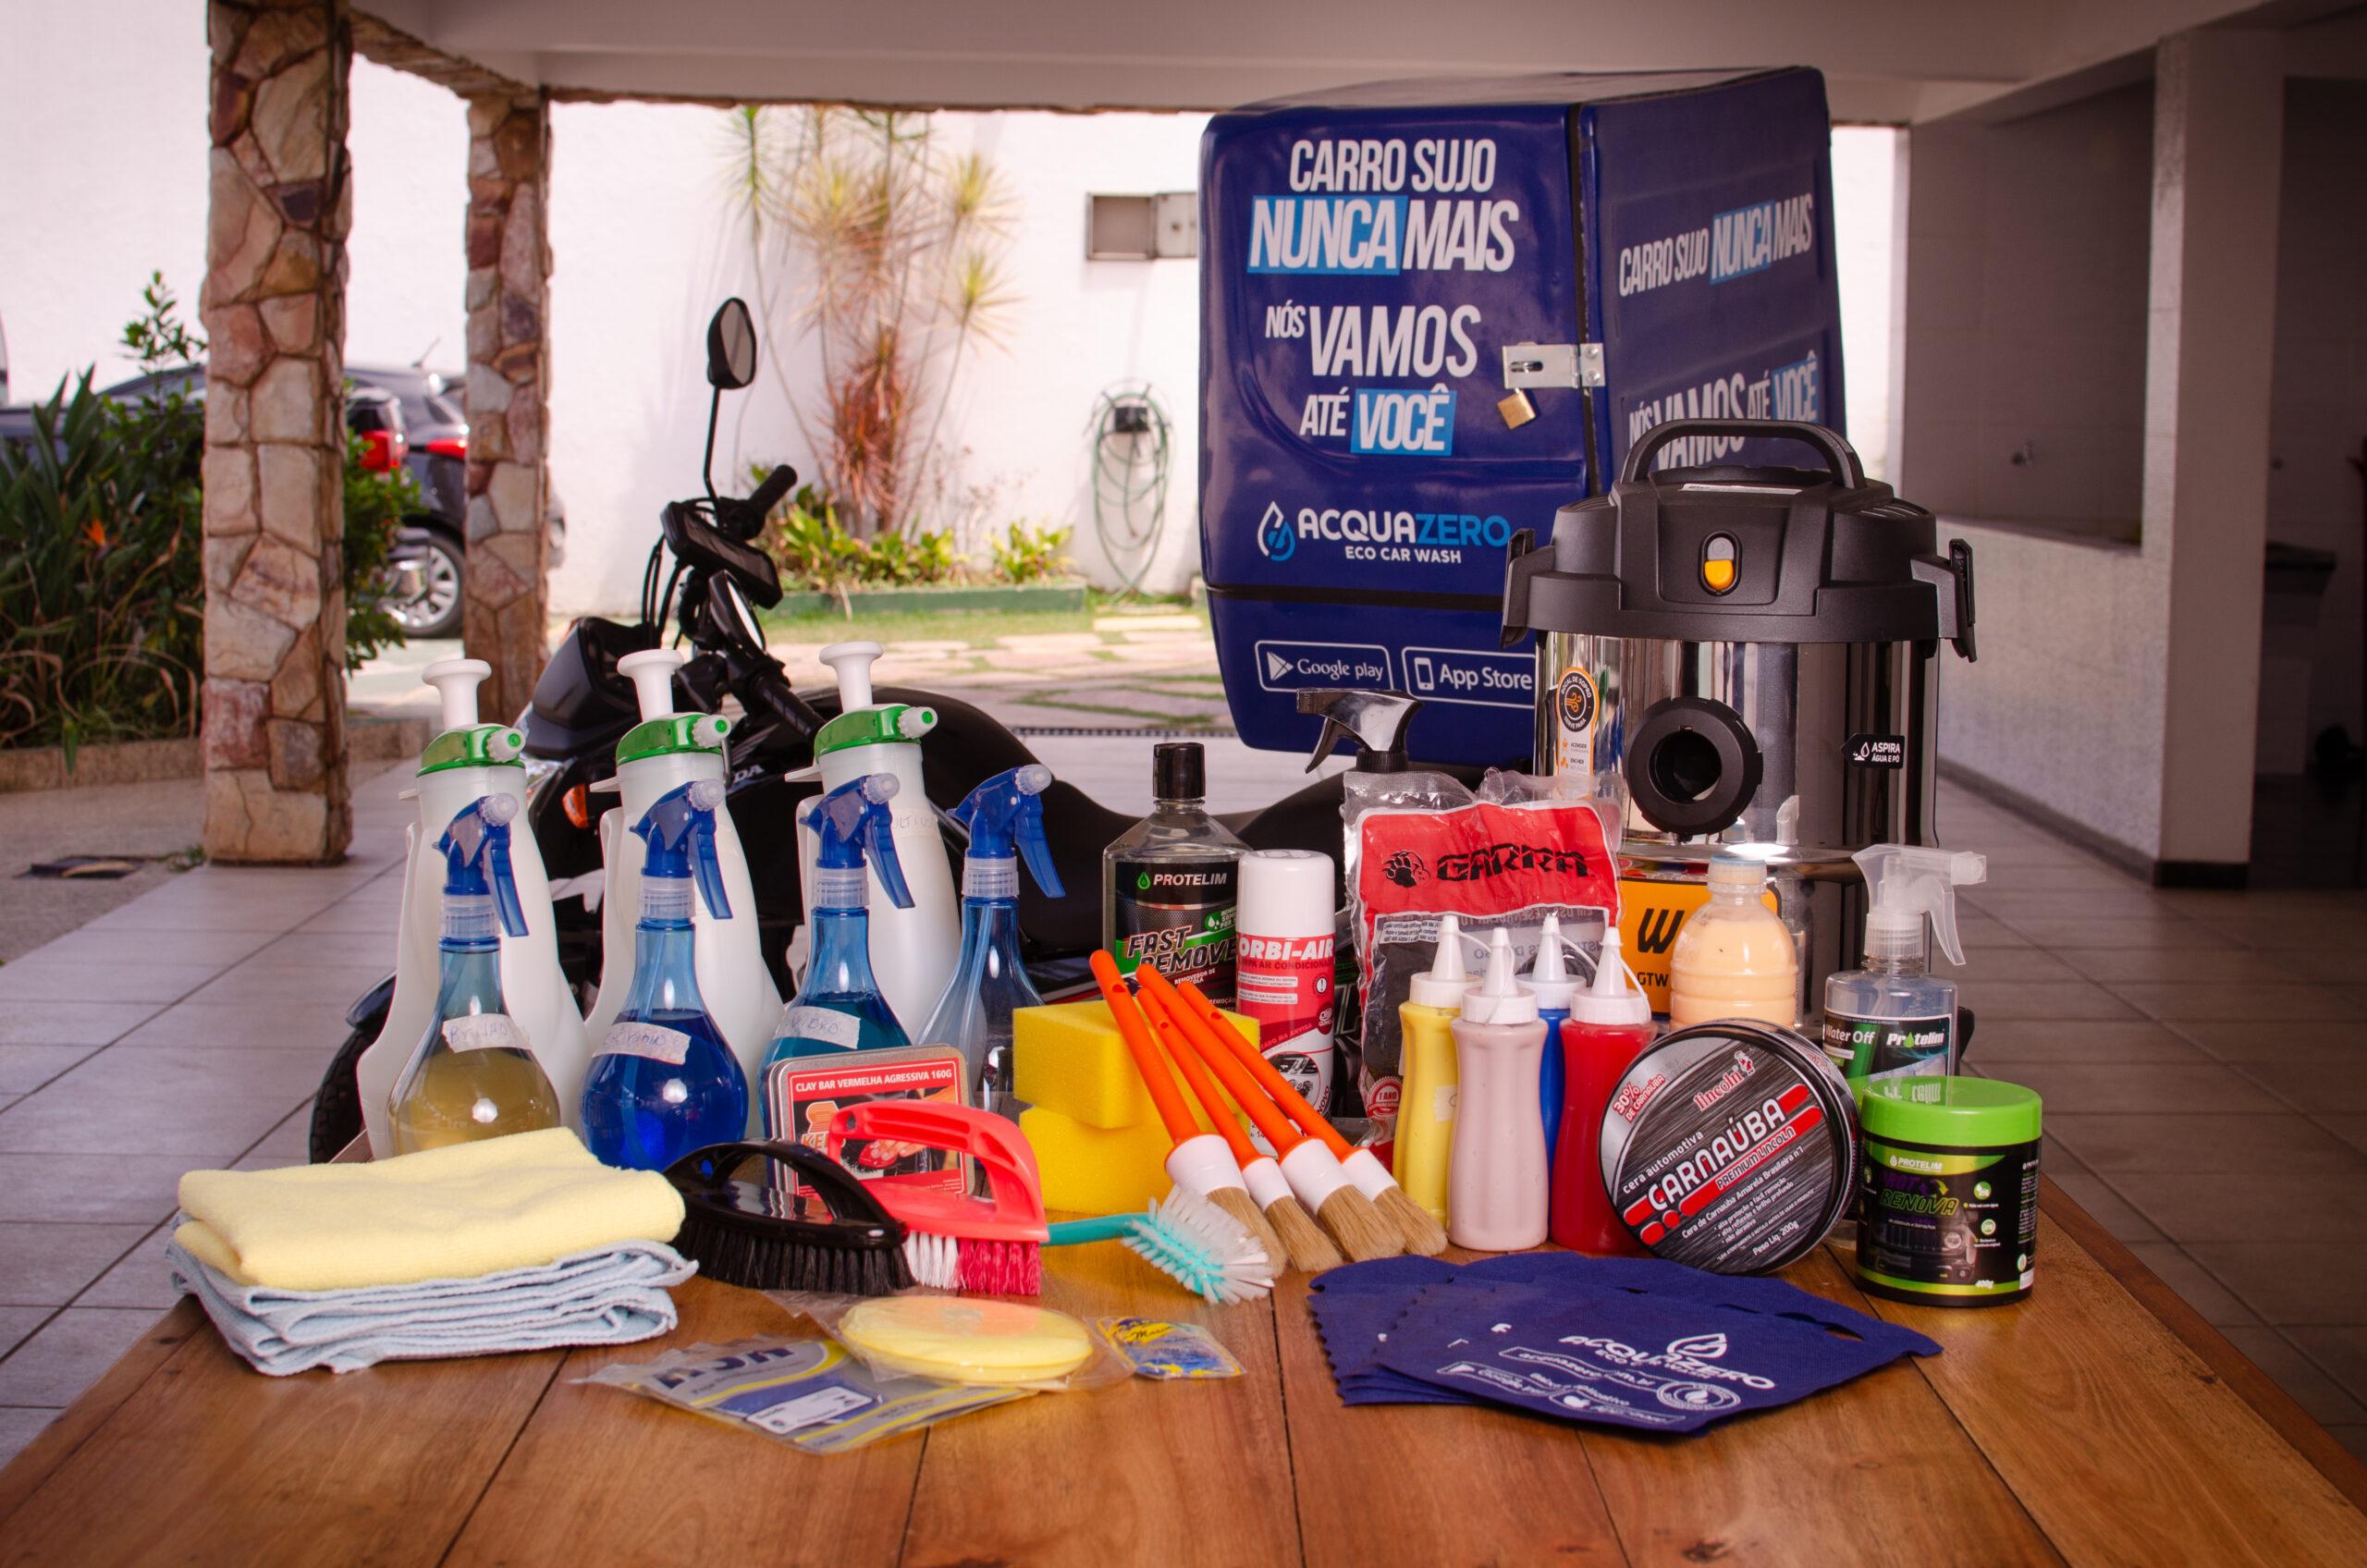 Vários produtos da Acquazero expostos sobre uma mesa. Ilustração do texto sobre lavar carro centro de Ponta Grossa.